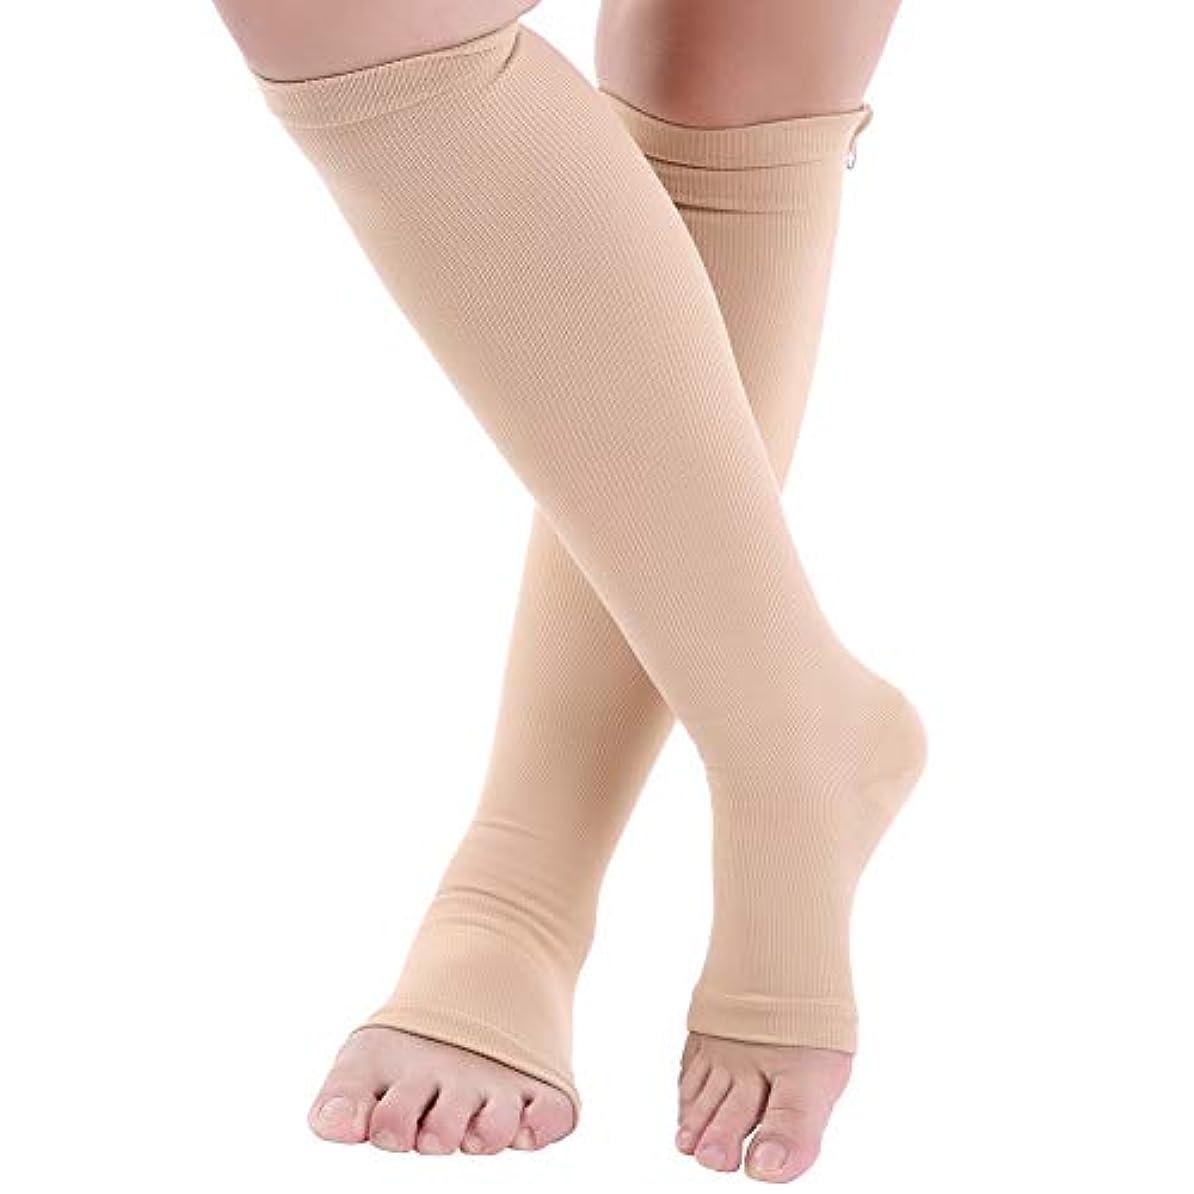 曇った疎外する踊り子高圧縮ソックス医療ストッキングサポート循環回復運動フィットランニング看護師シンスプリントフライトトラベル&マタニティ妊娠ブーストスタミナ循環回復